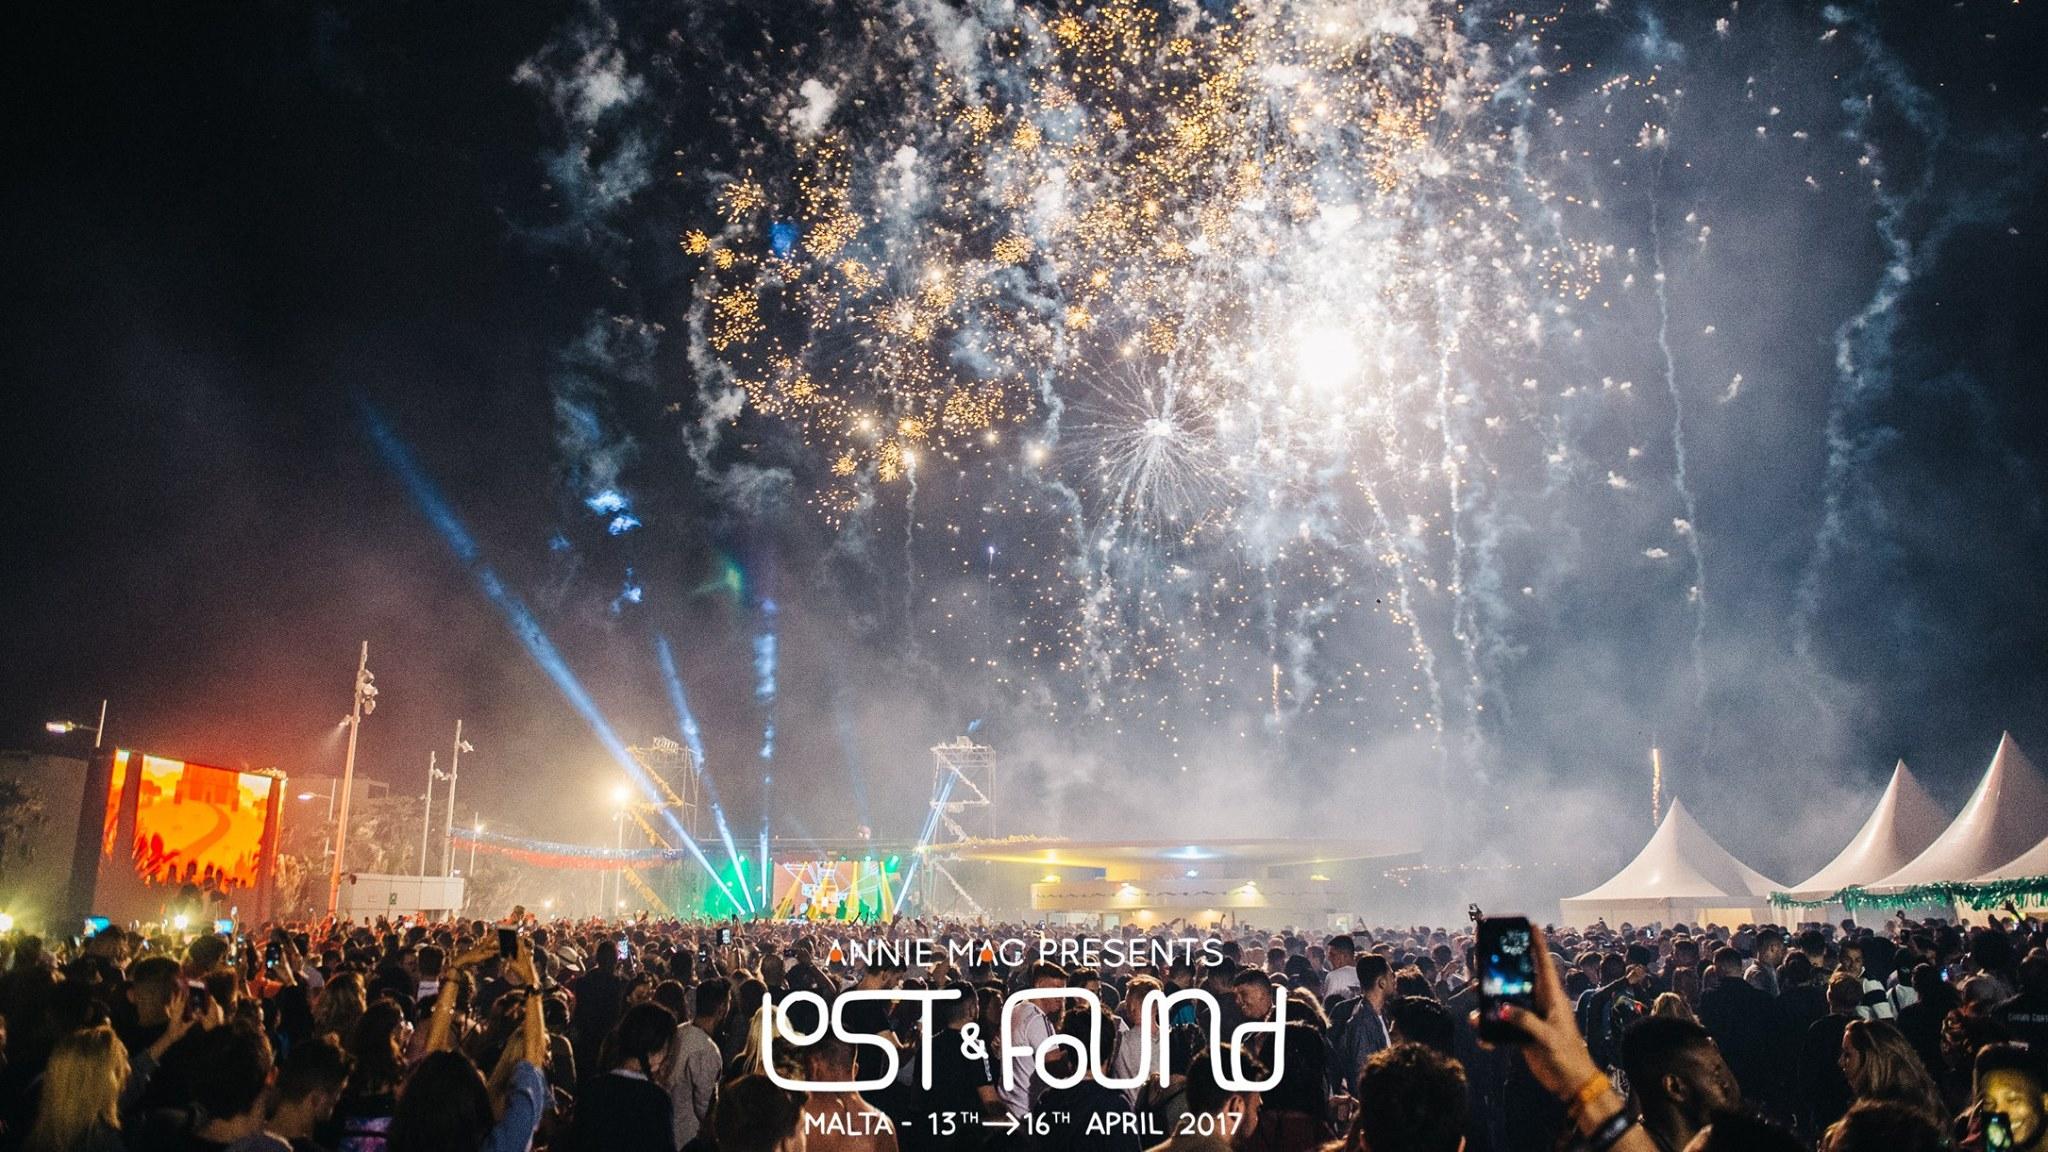 lost and found festival 2017 malta uno first day